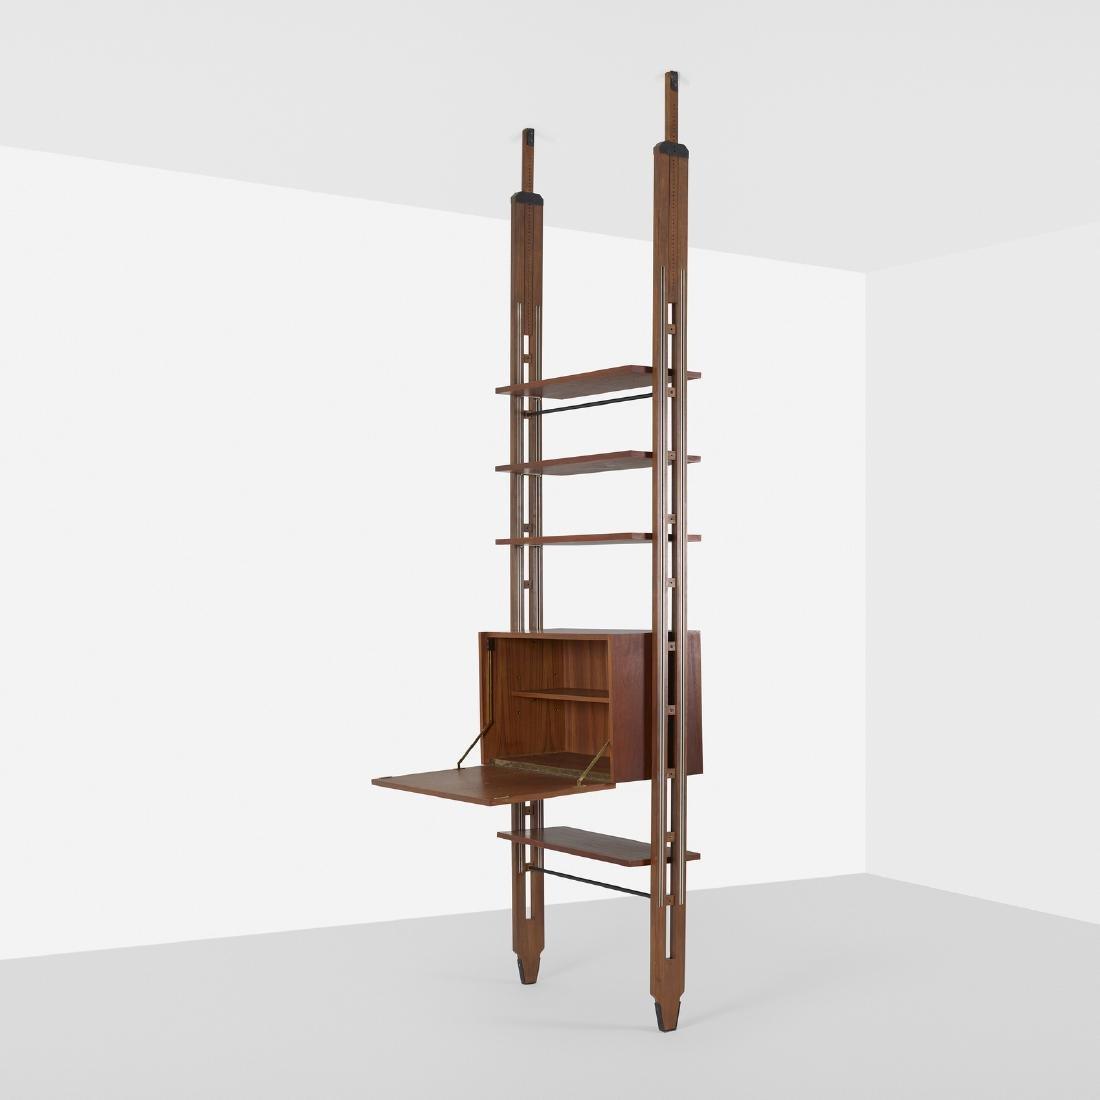 Paolo Tilche, Giraffa bookcase